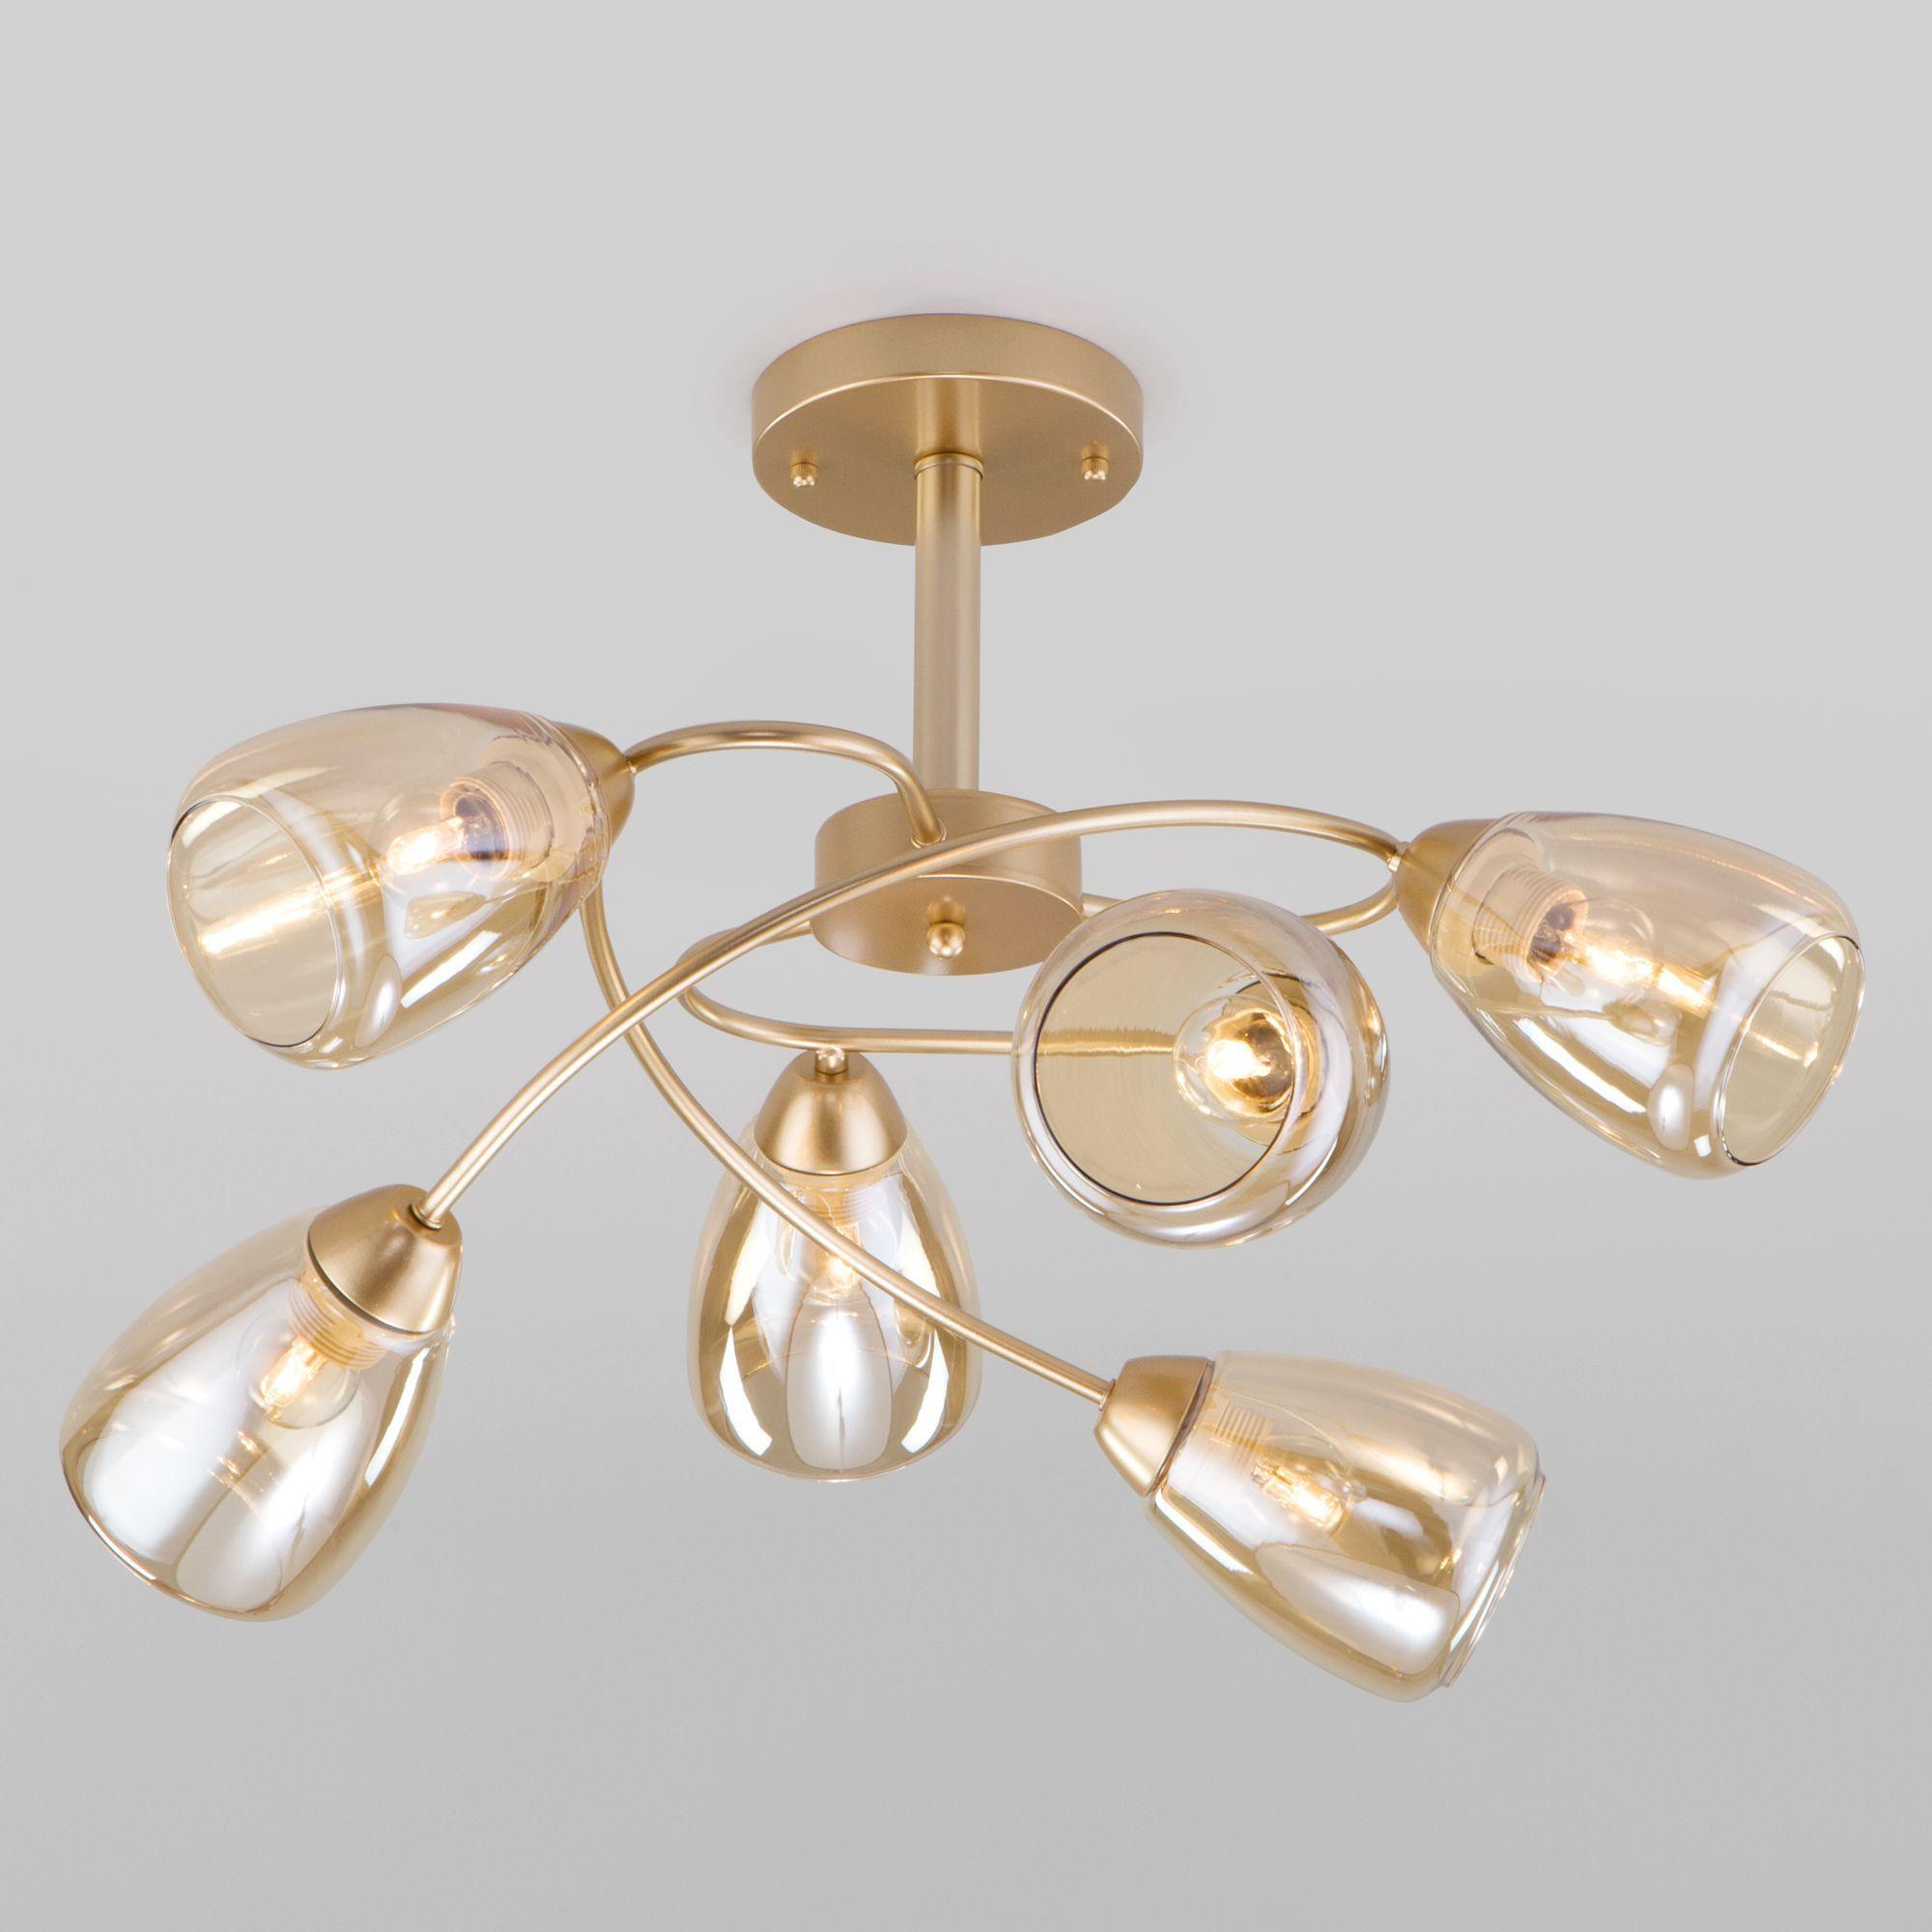 Потолочная люстра со стеклянными плафонами 30168/6 матовое золото